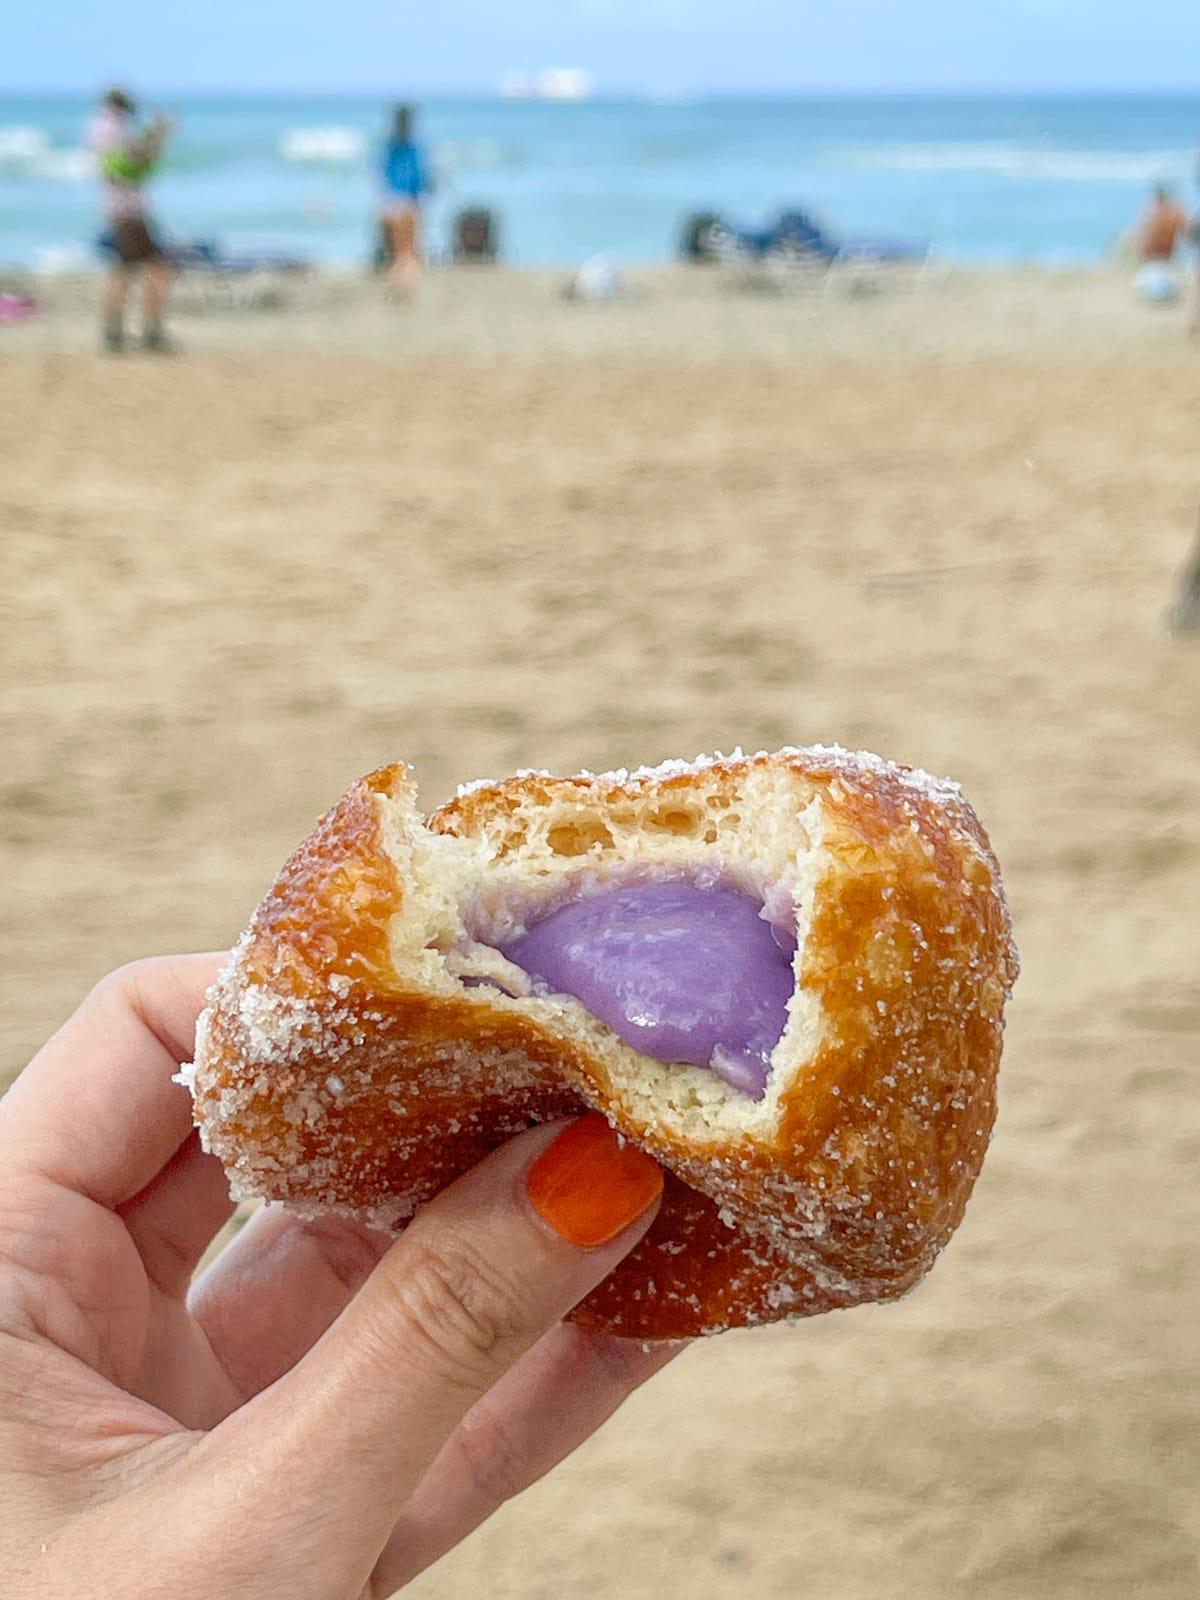 Yam Hawaiian doughnut on Waikiki Beach